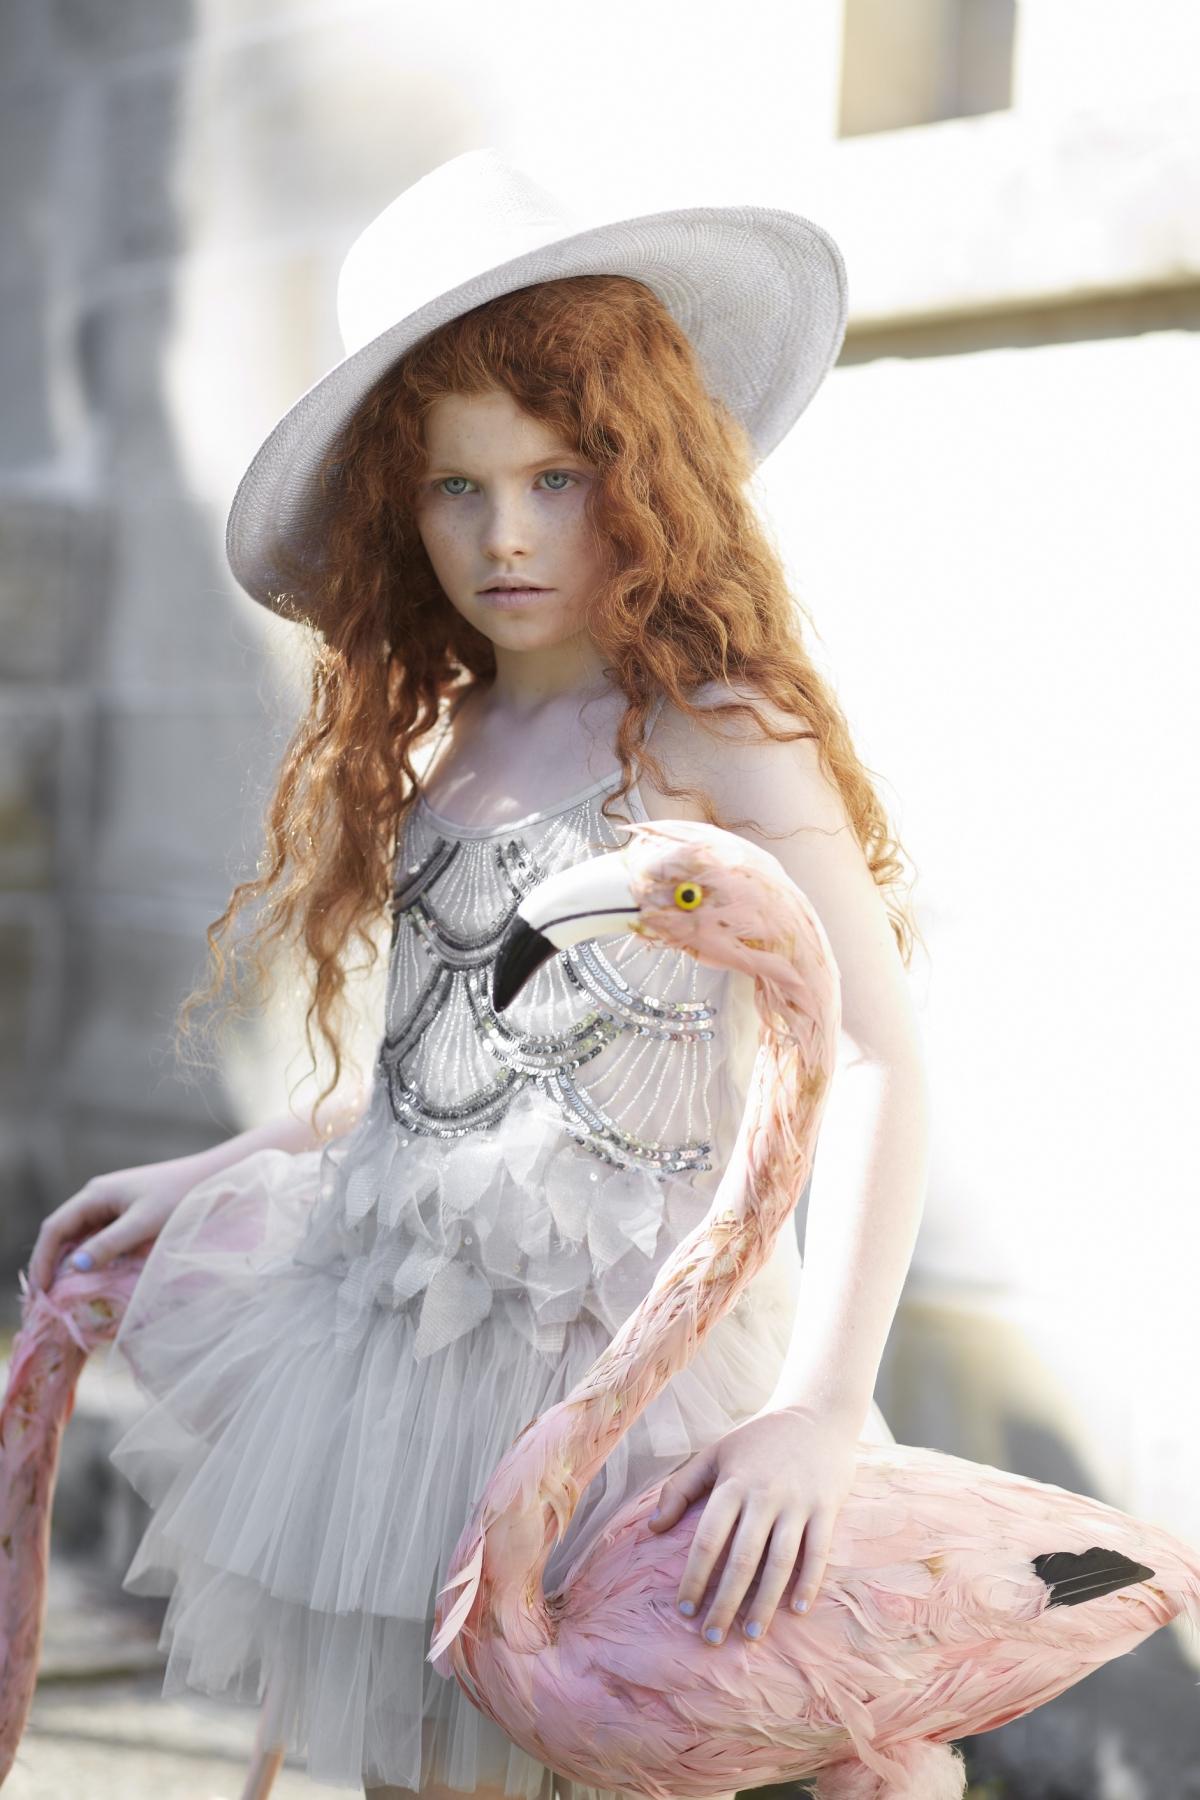 שמלת טוטו מדגם Shadow play מבית המותג Tutu De Monde, יחצ